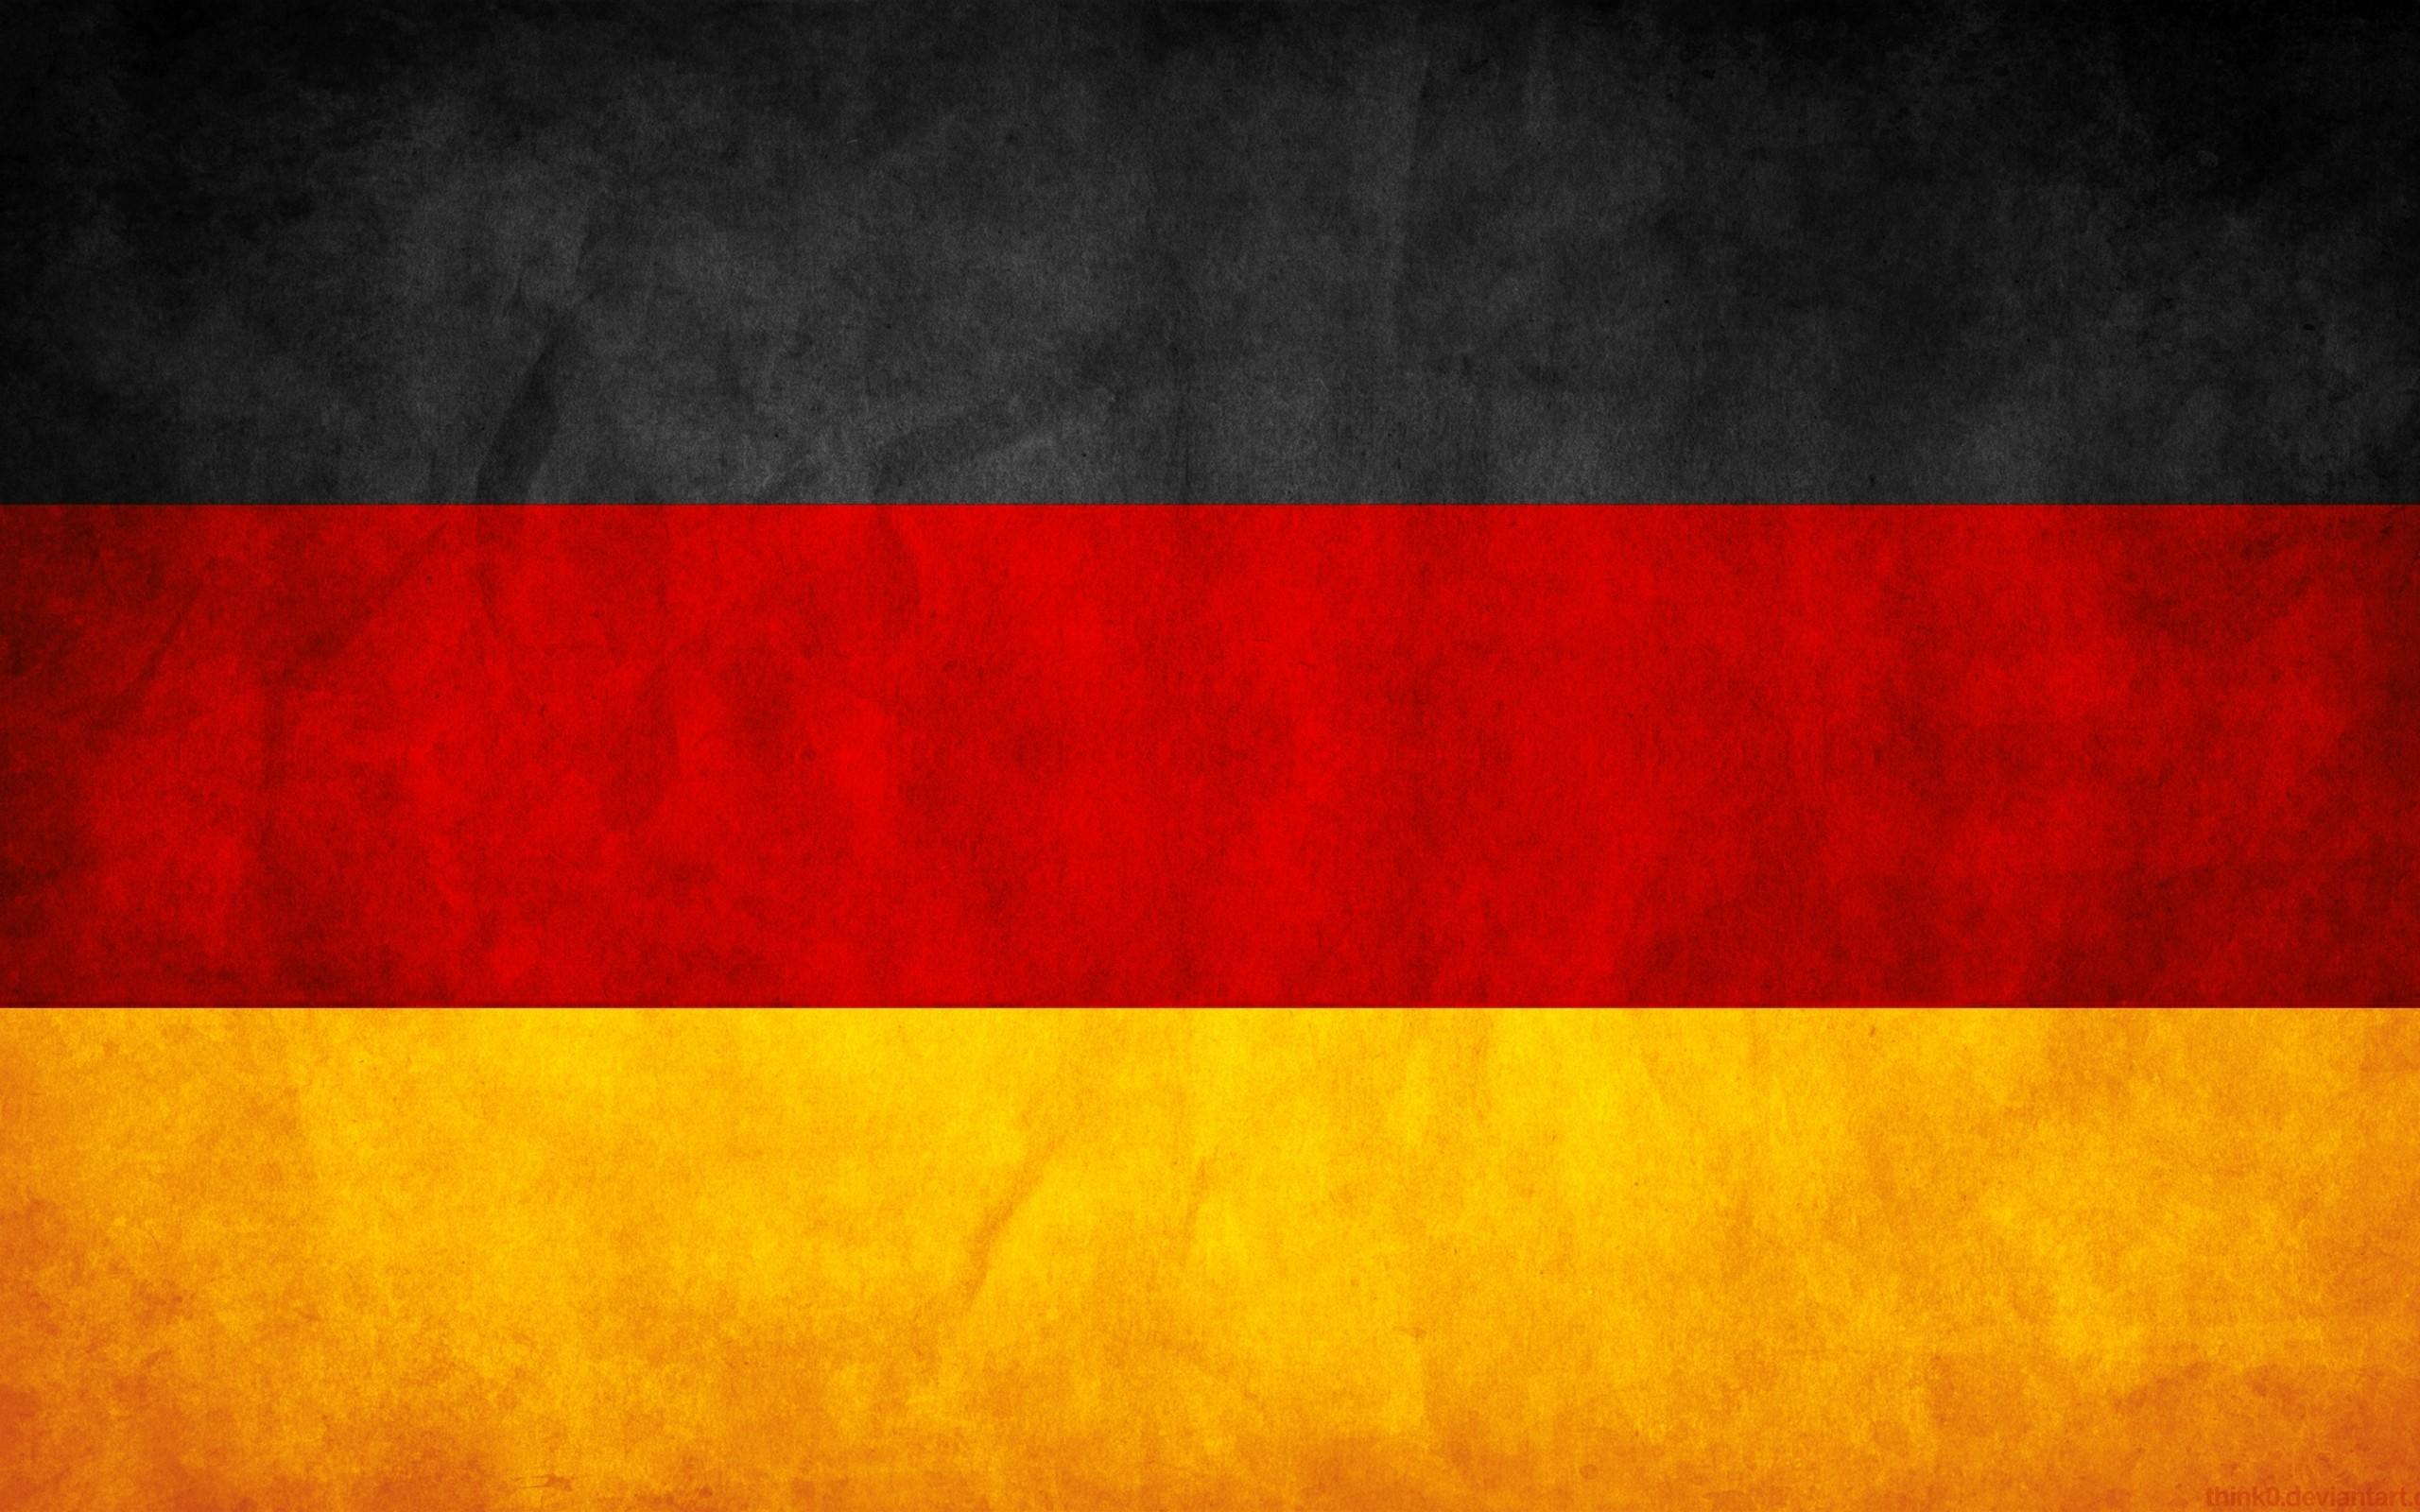 2014巴西世界杯德国国家队壁纸win7壁纸 精美壁纸 高清壁-2014世界图片